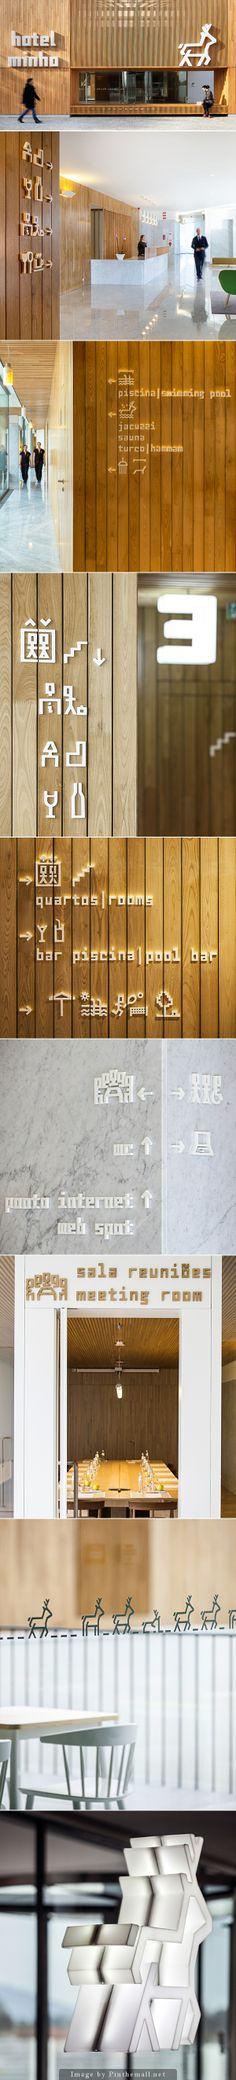 Hotel Minho, Environmental Graphic Design, Signage Sistems, Interior wayfinding, señaletica para empresas, diseño de locales comerciales Canton Crossing   #Wayfinding   #Signage